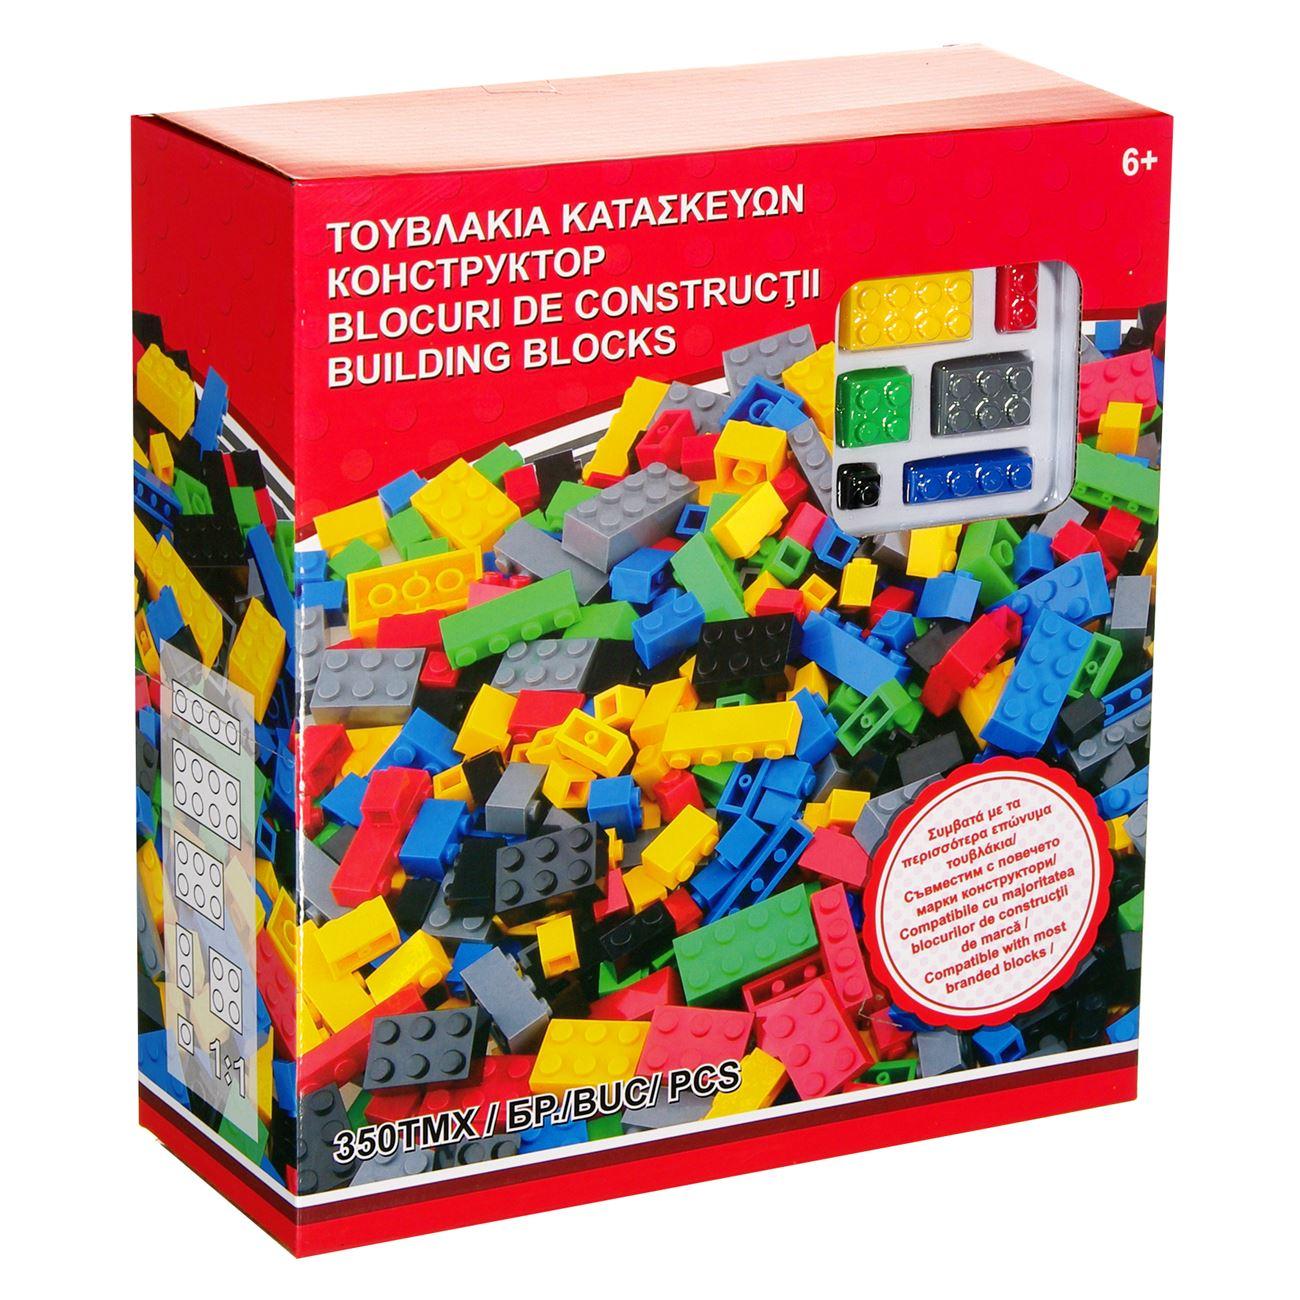 bd3f00f55b5 Τουβλάκια κατασκευών basic 350 τεμάχια < Τουβλάκια Value Pack | Jumbo